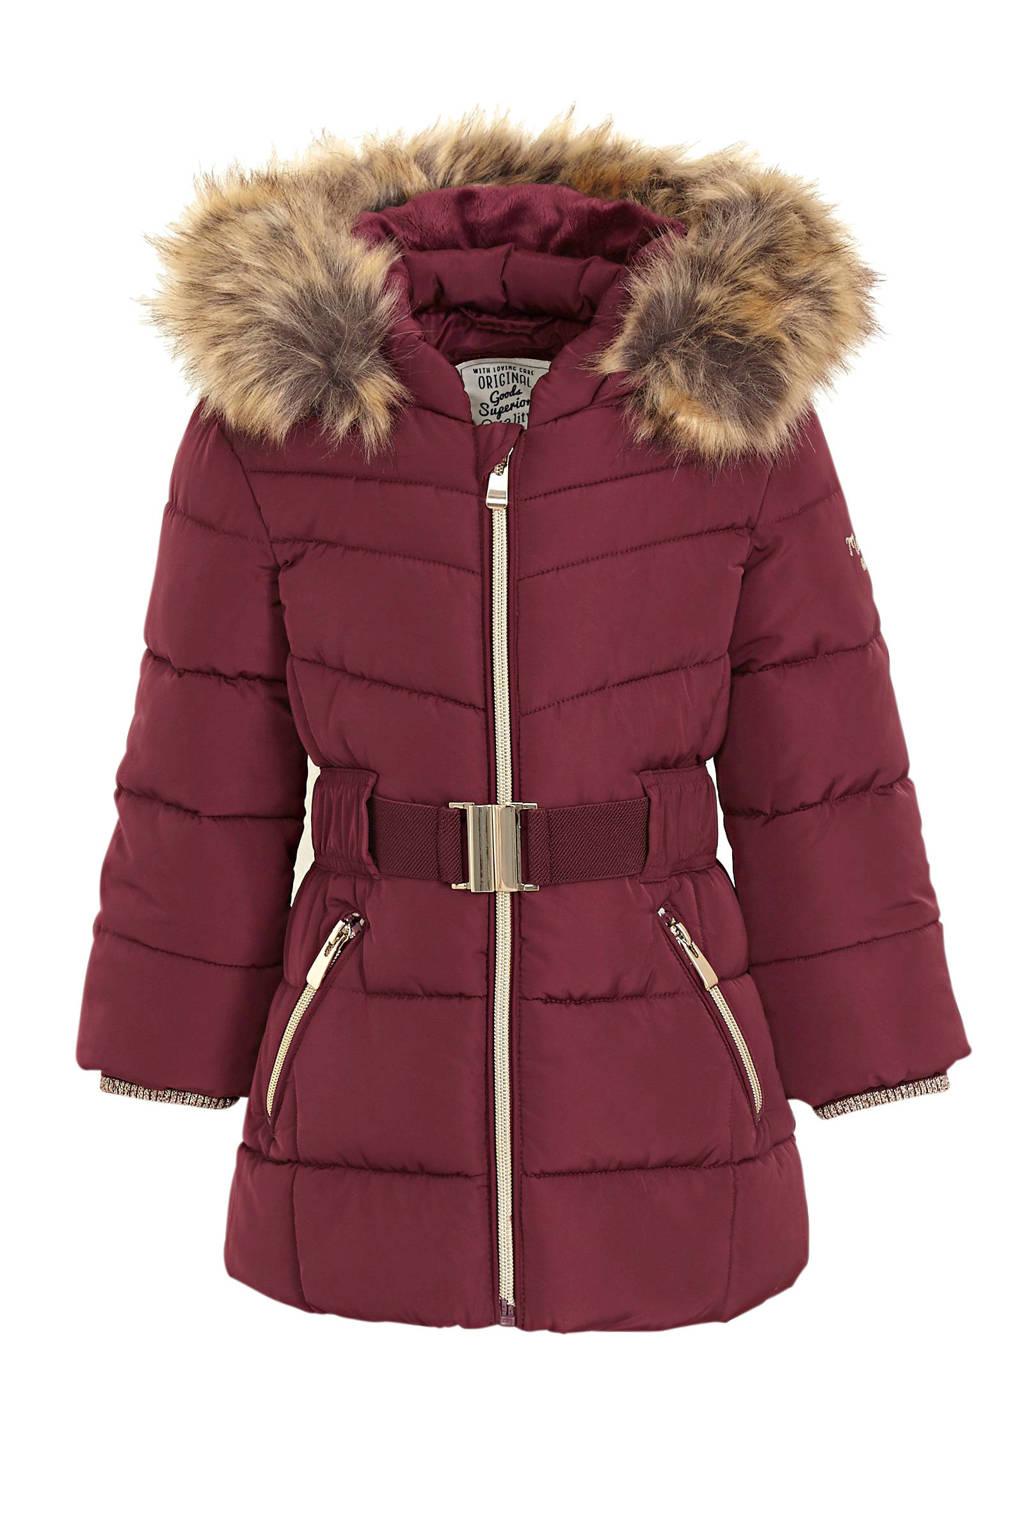 C&A Palomino gewatteerde winterjas met ceintuur donkerrood, Donkerrood